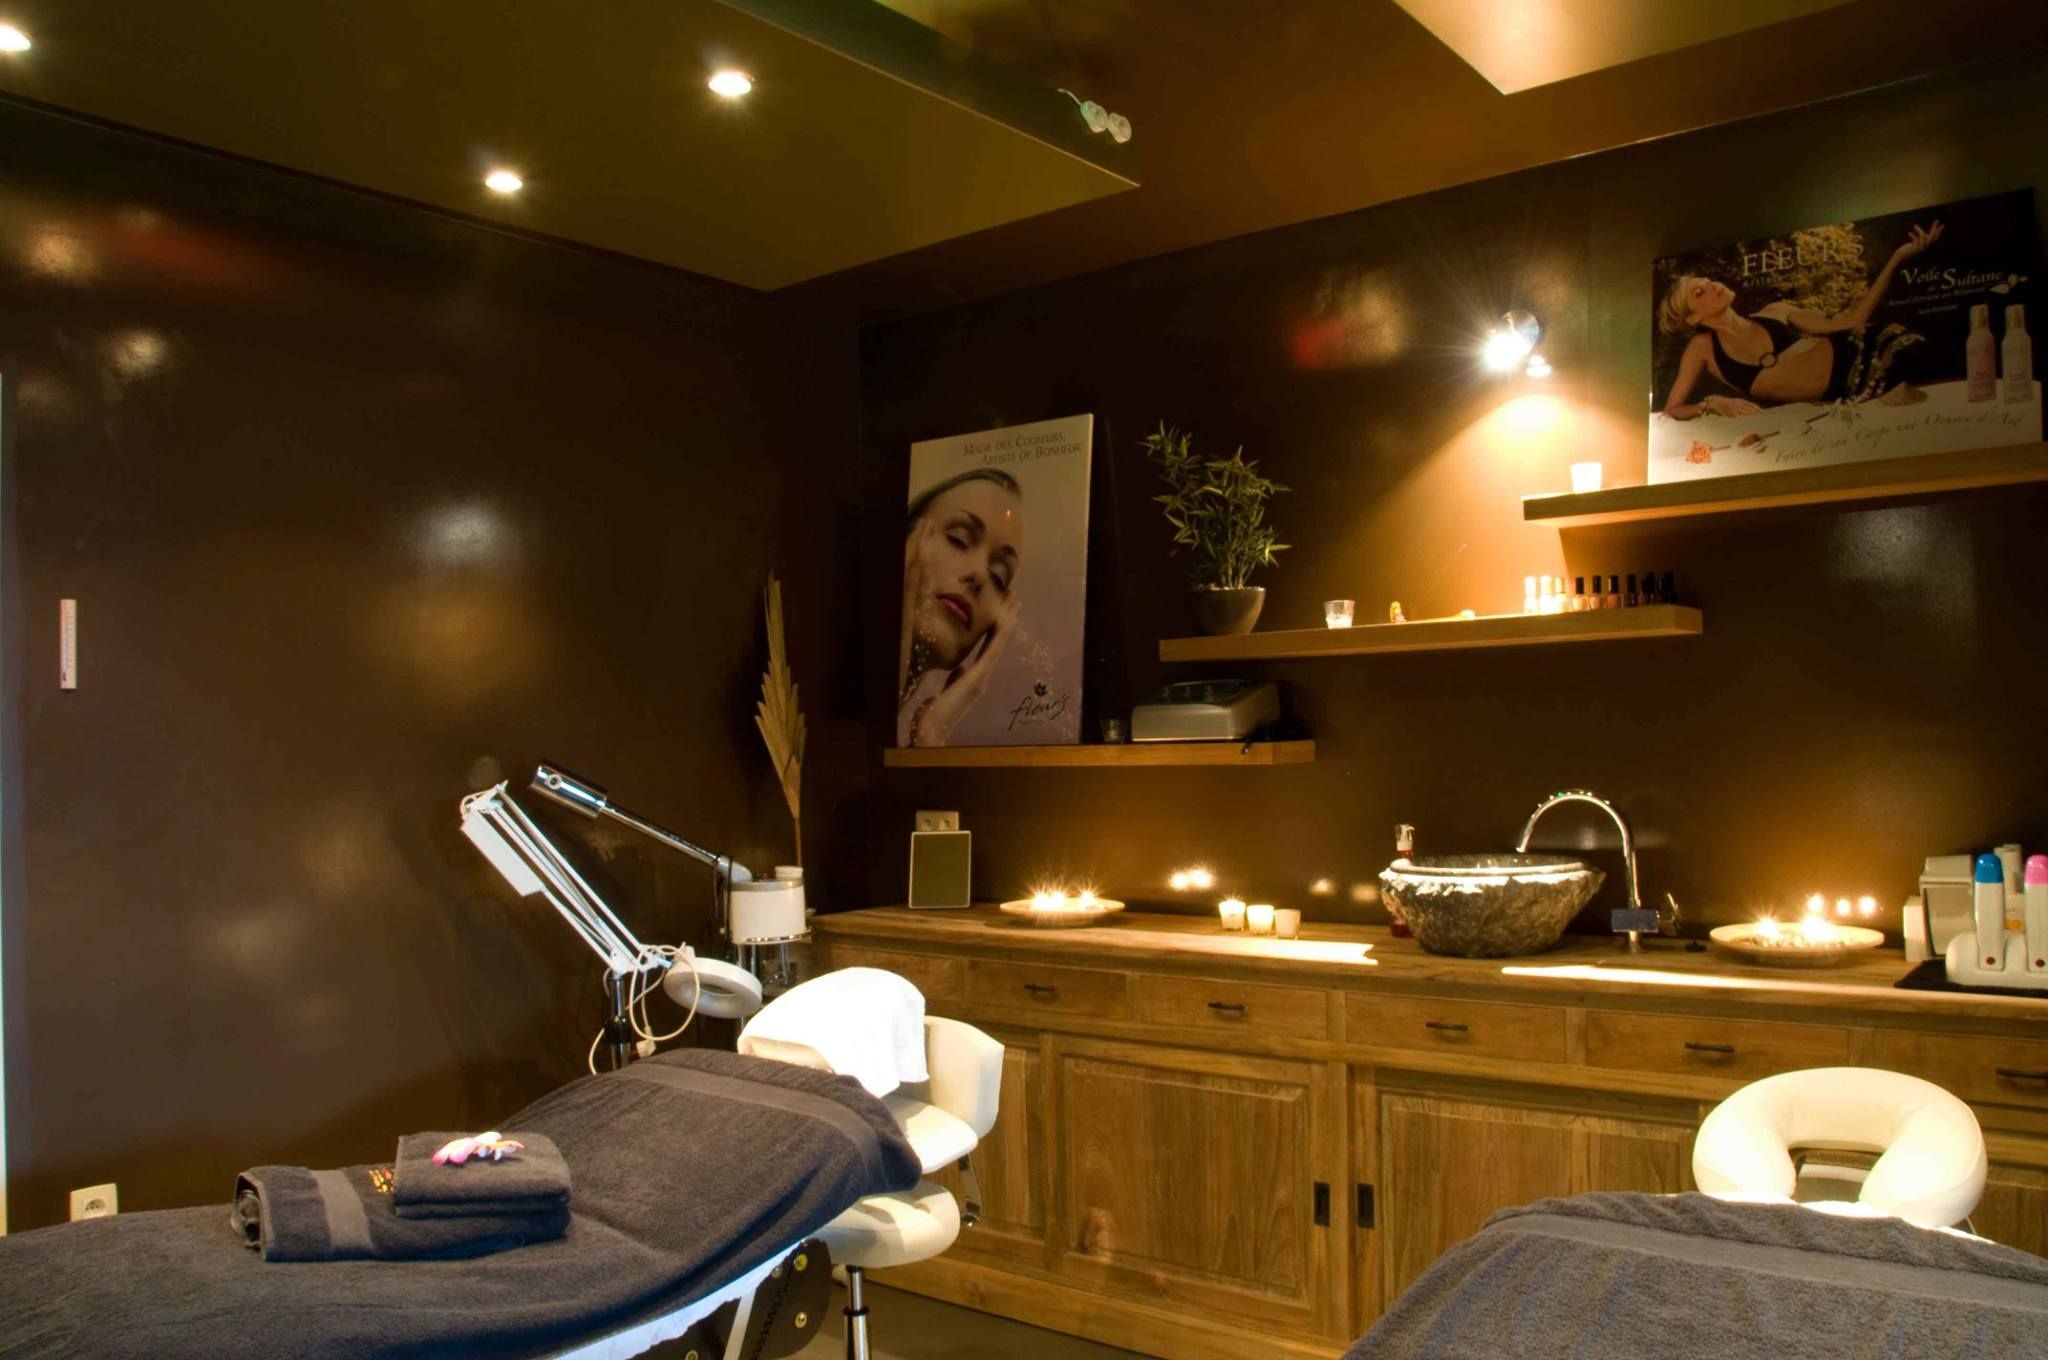 Salon Inrichting Meubels : Luxe schoonheidssalon inrichting google zoeken spa ideas